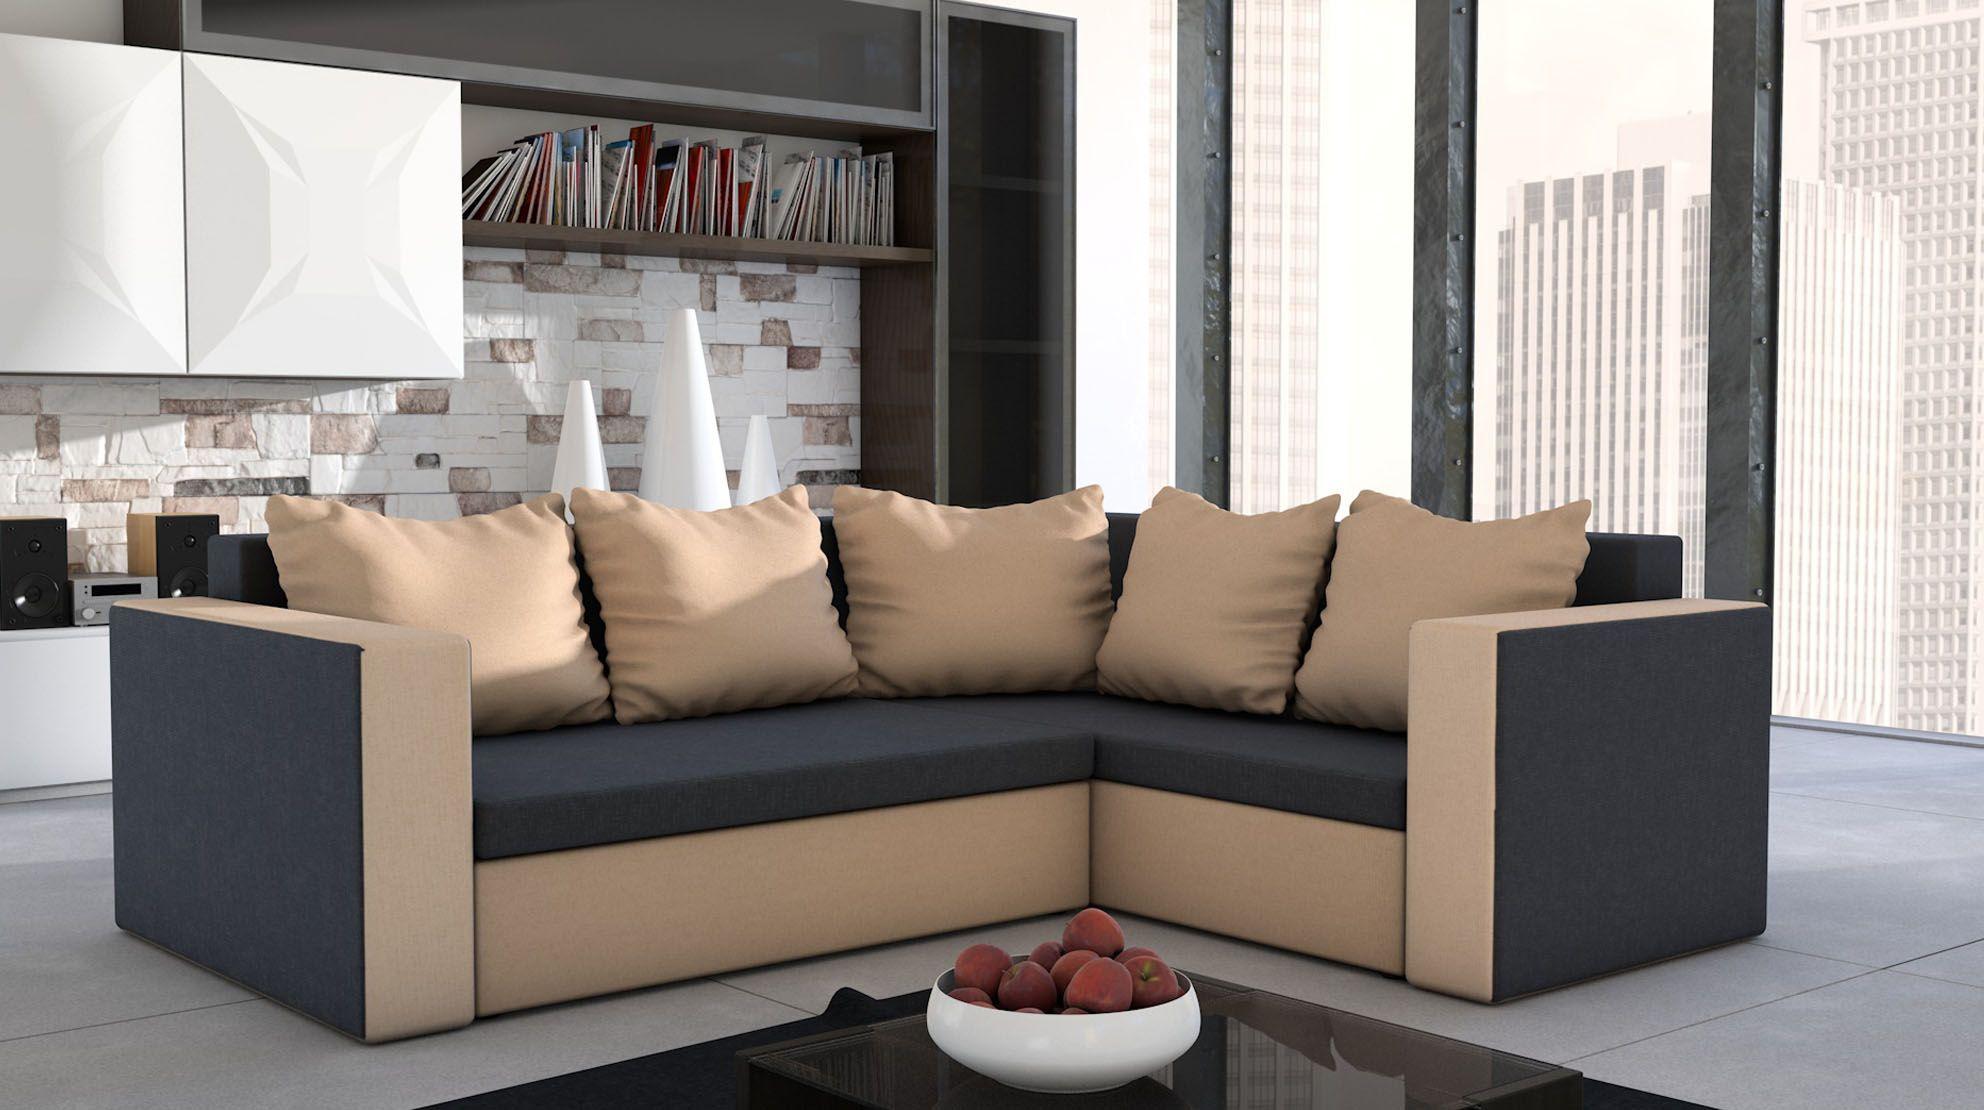 Kaufe Deine Neuen Polstermöbel Und Polstergarnituren Bei Velucci